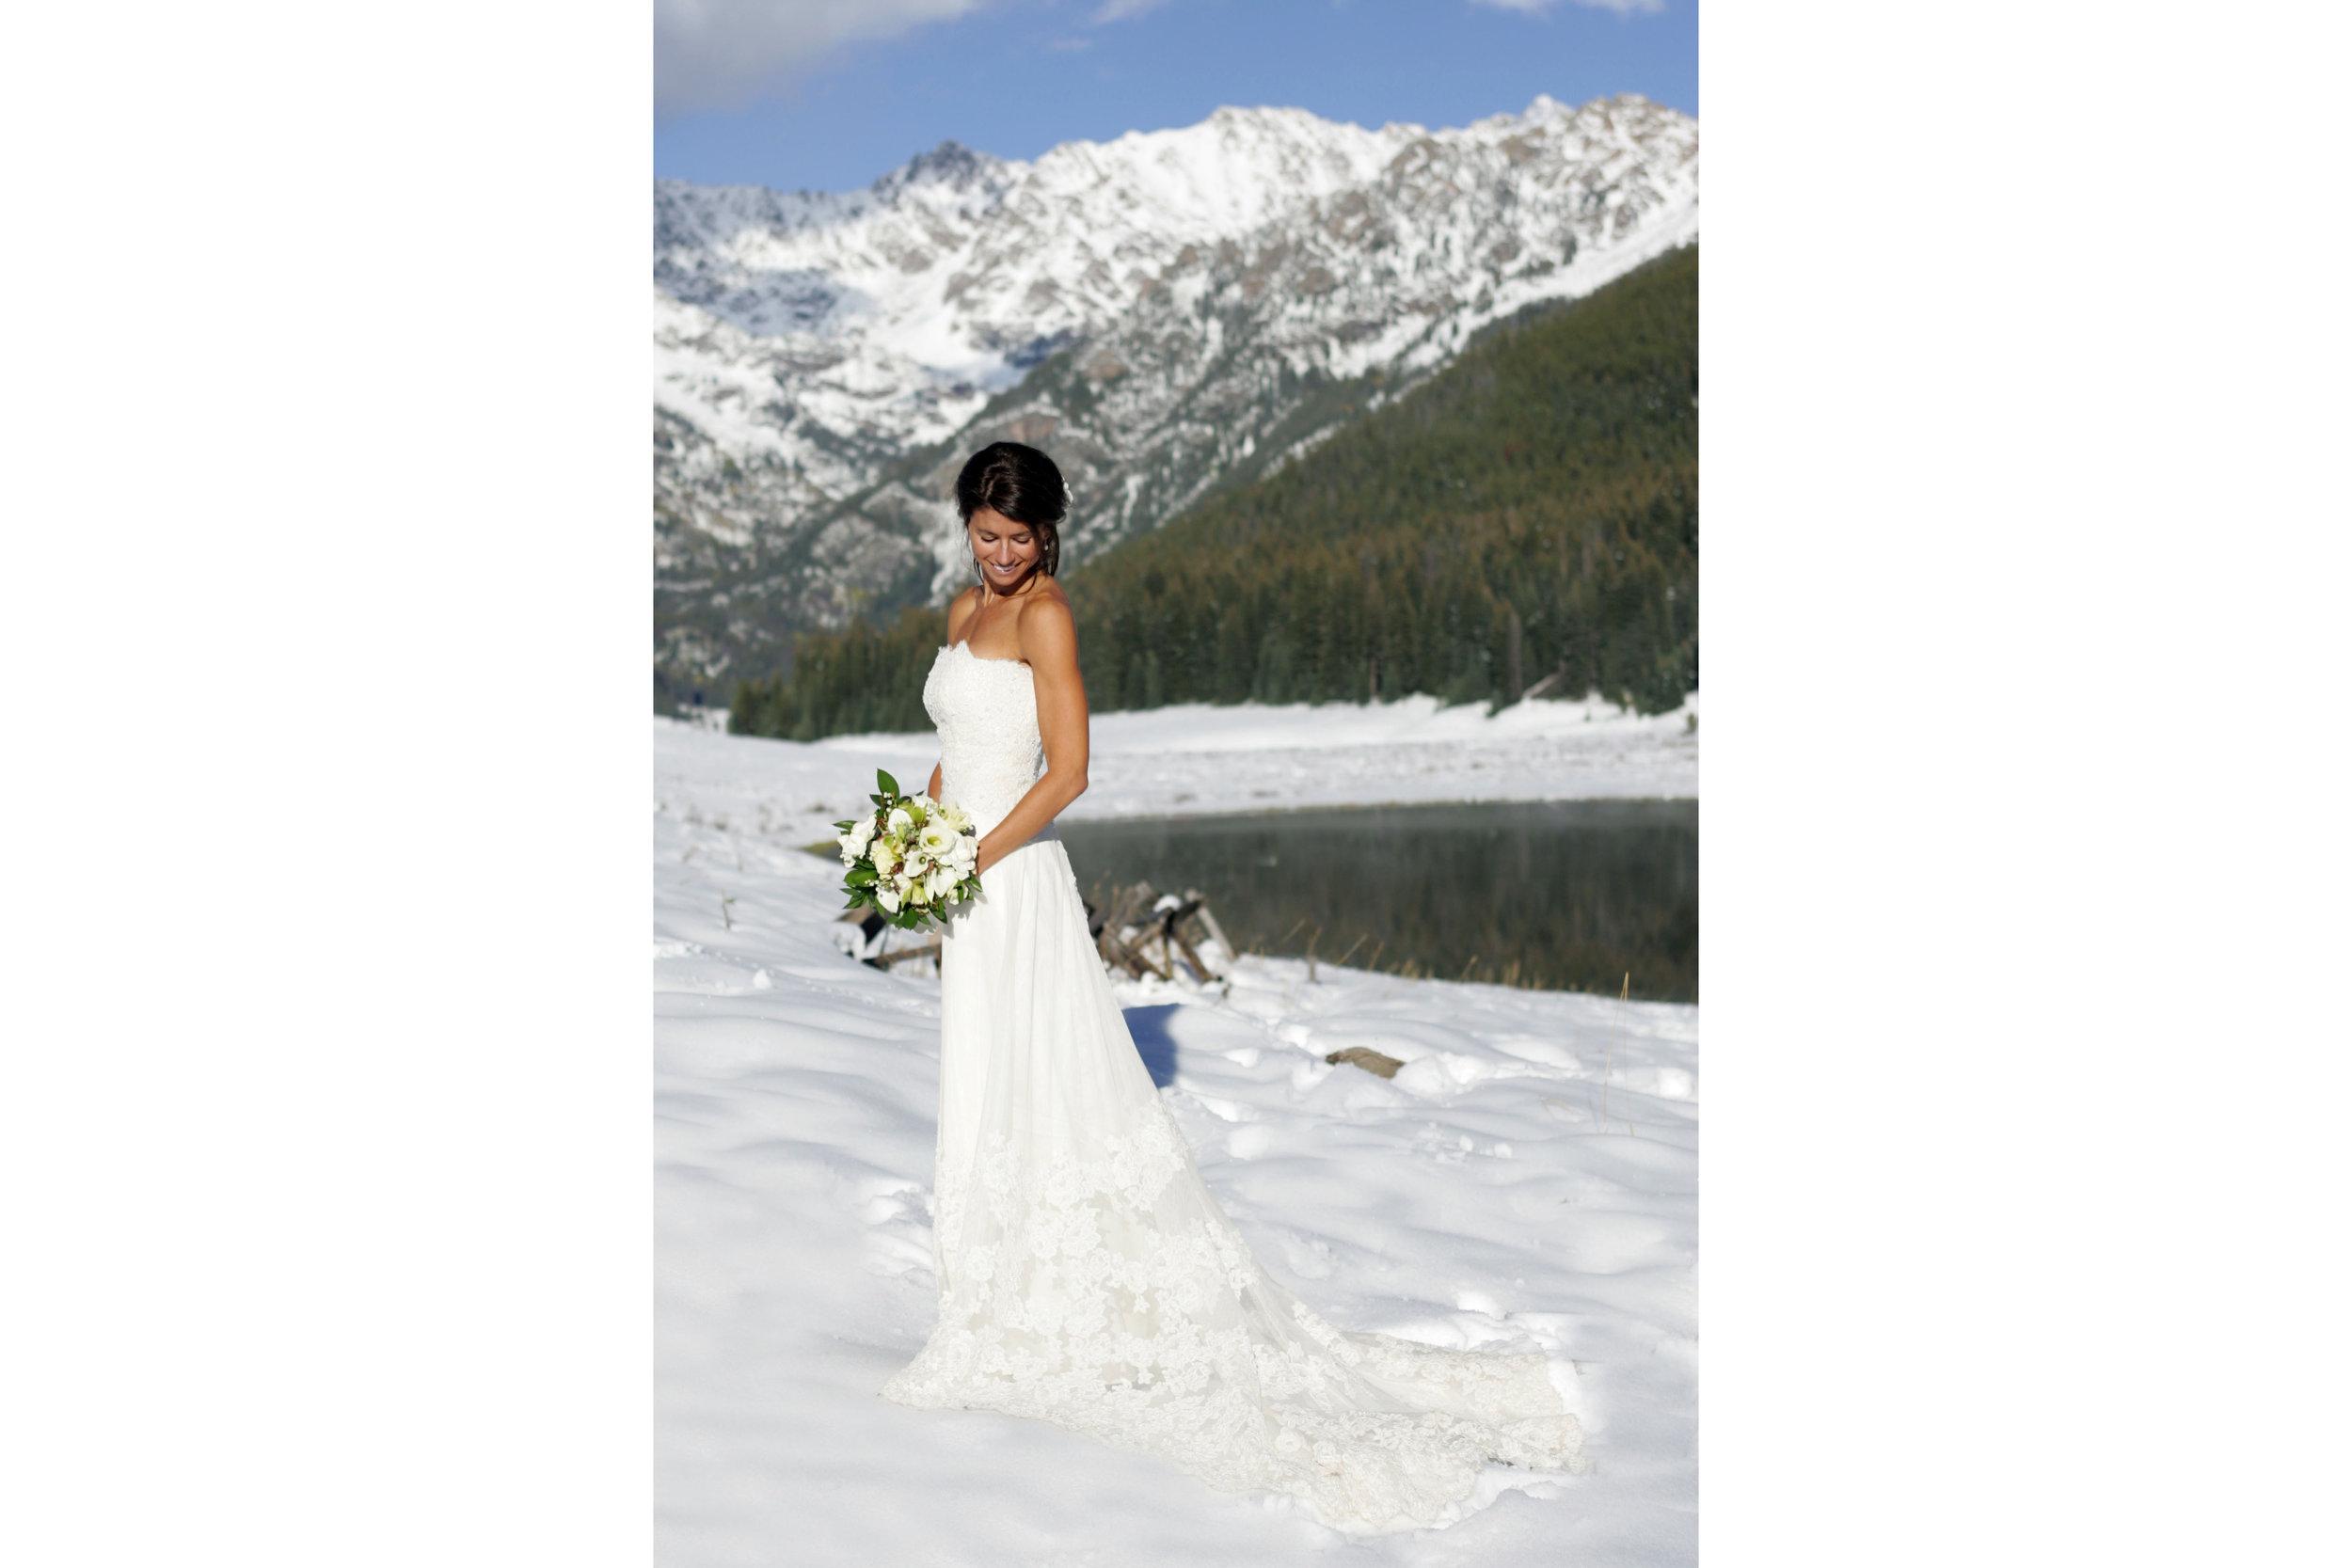 Sonnenalp-wedding-services-HOR-axelphto.jpg